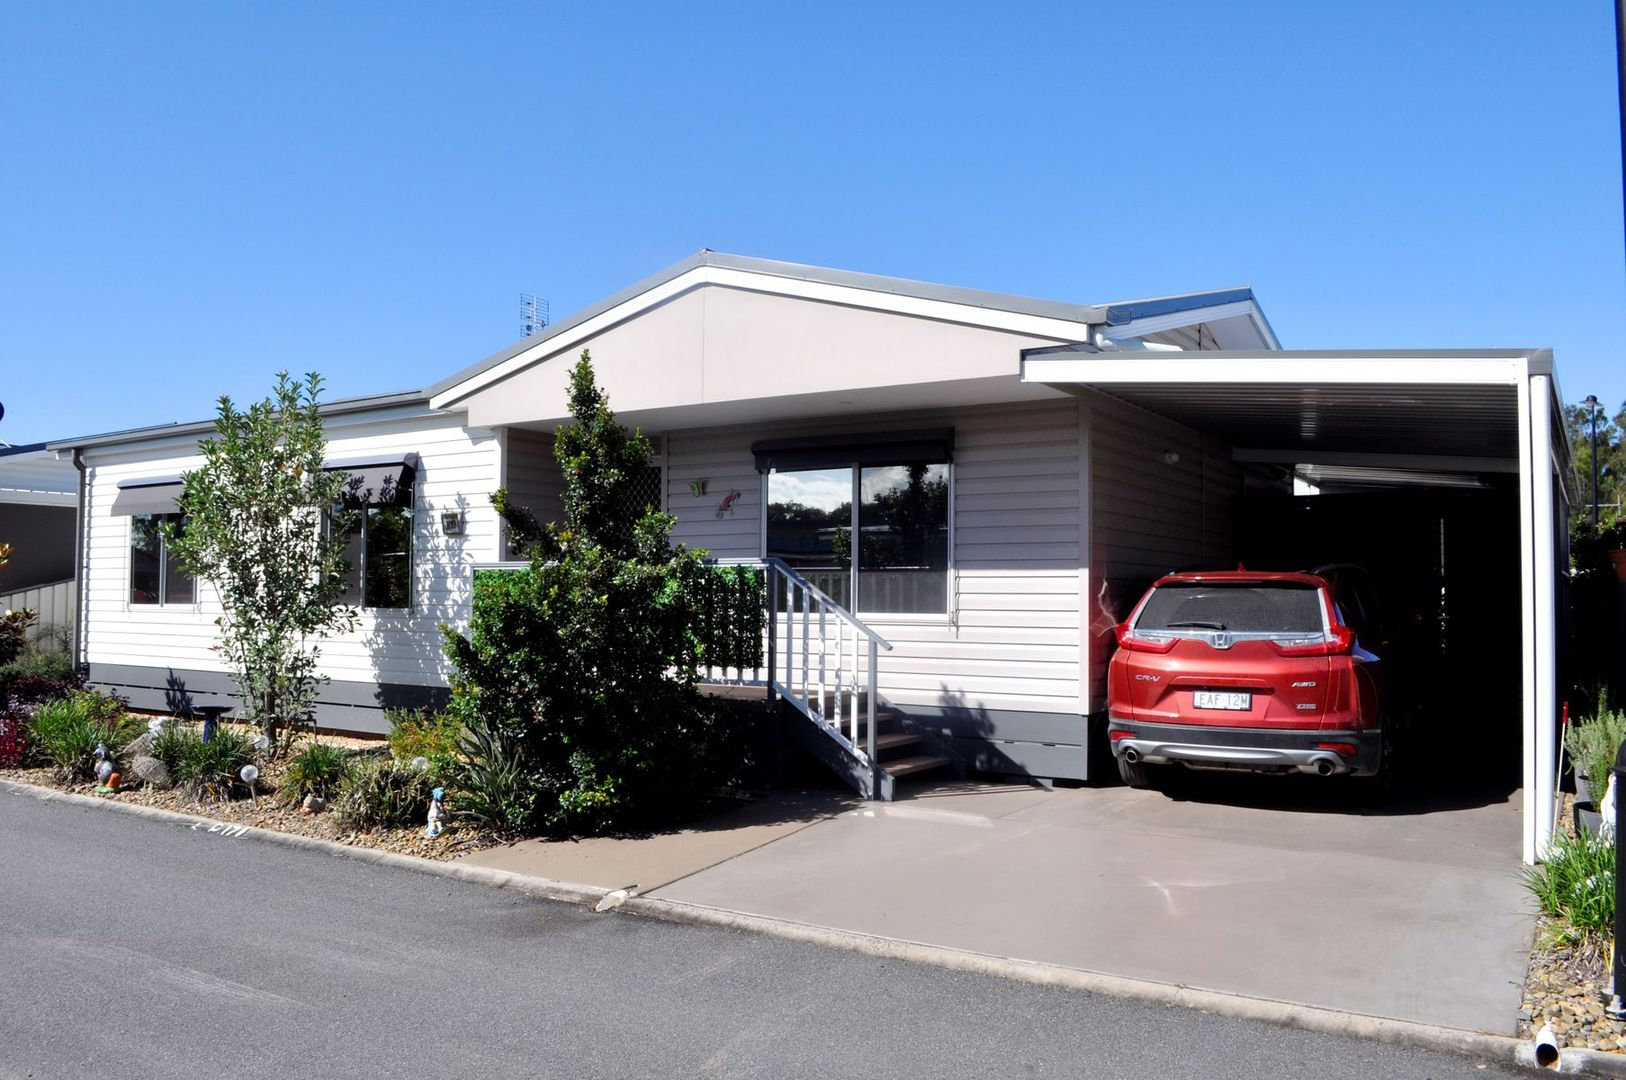 109/36 Golding Street, Yamba NSW 2464, Image 0